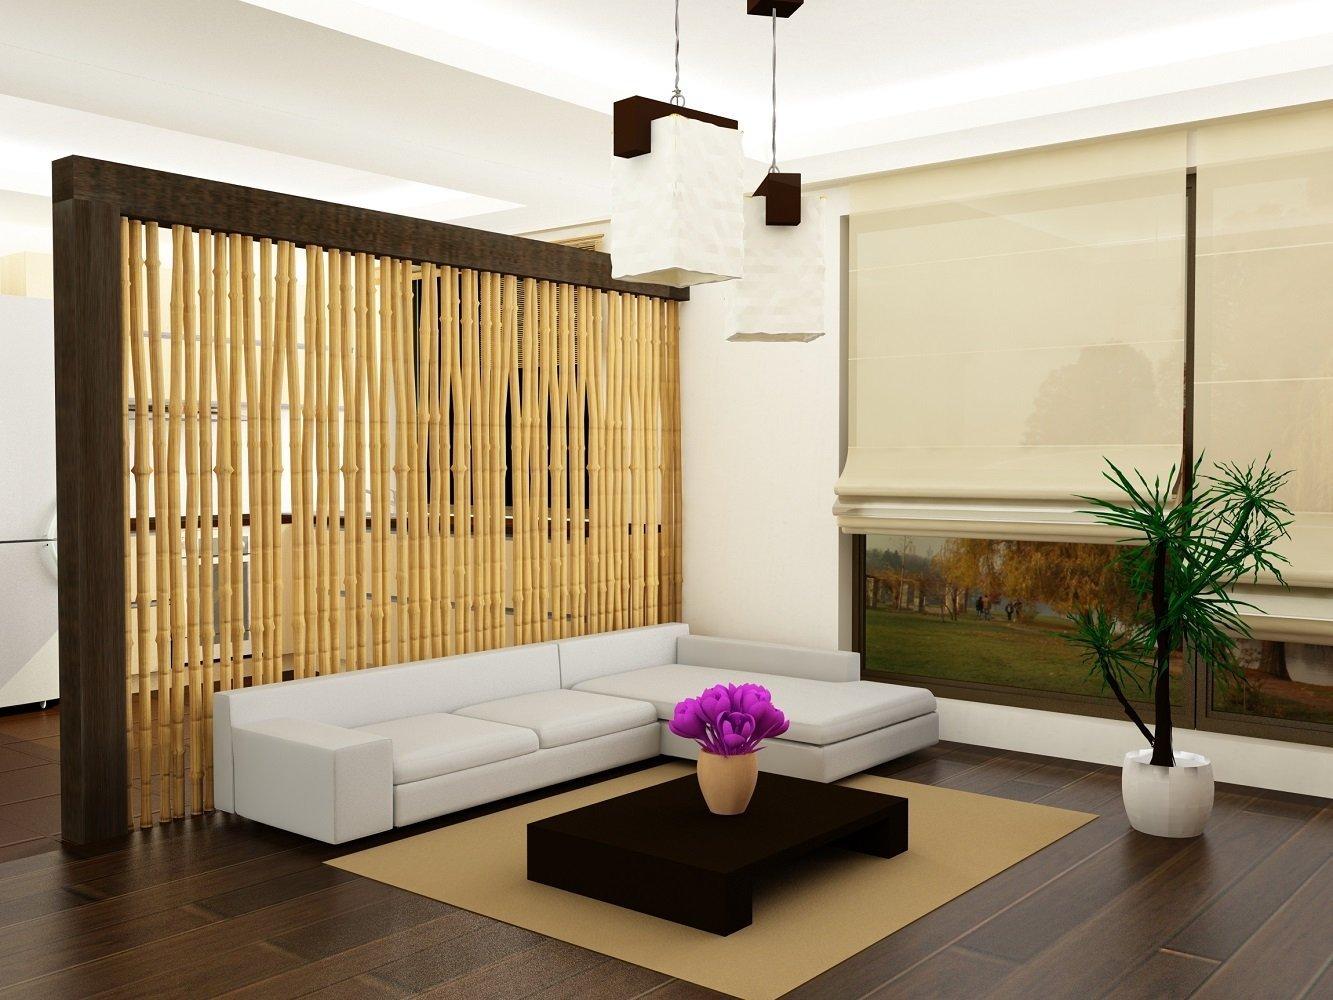 Бамбук в стильном интерьере